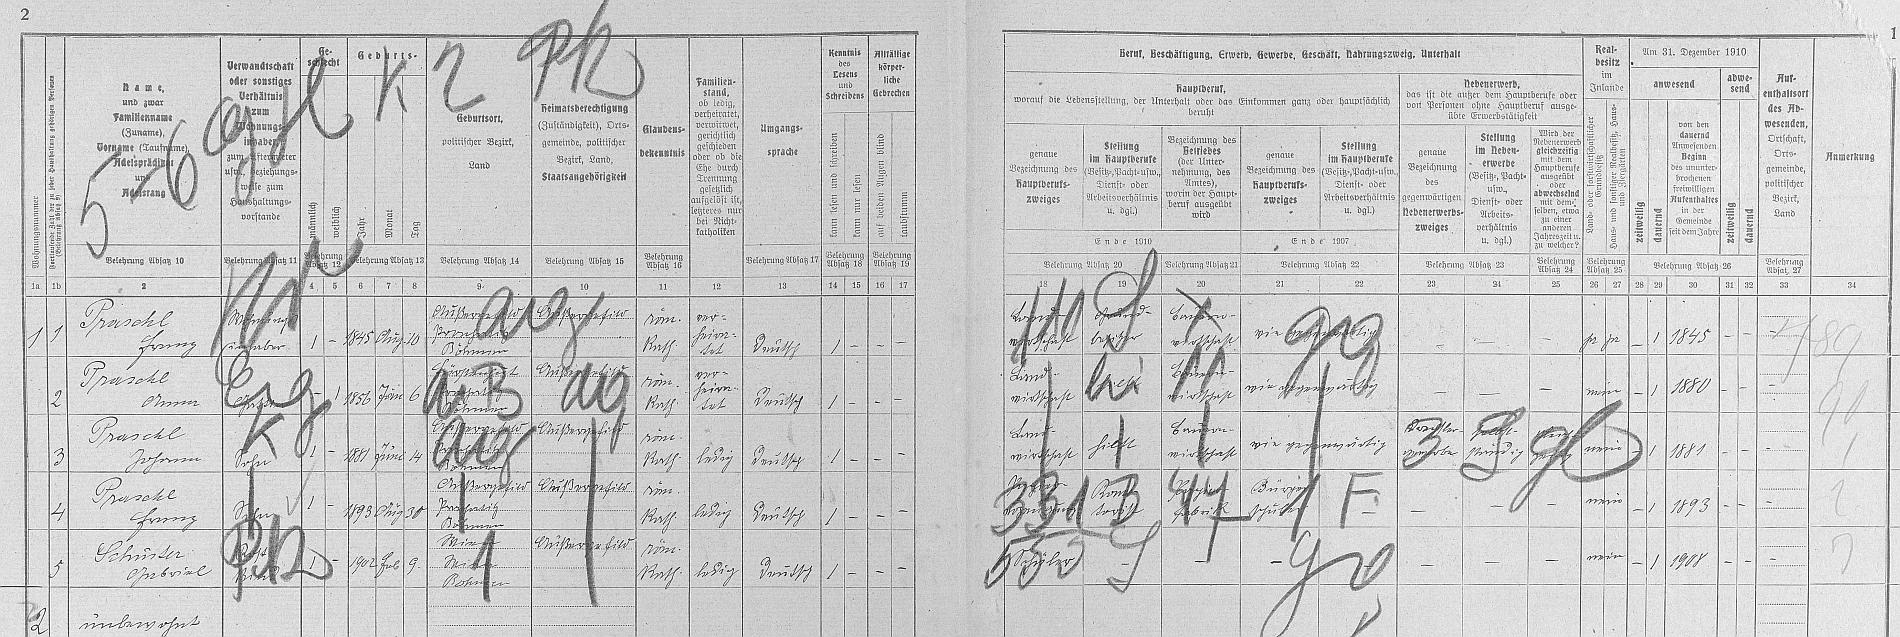 Arch sčítání lidu pro stavení čp. 23 na Kvildě s rodinou Praschlovou, tj. i s ním